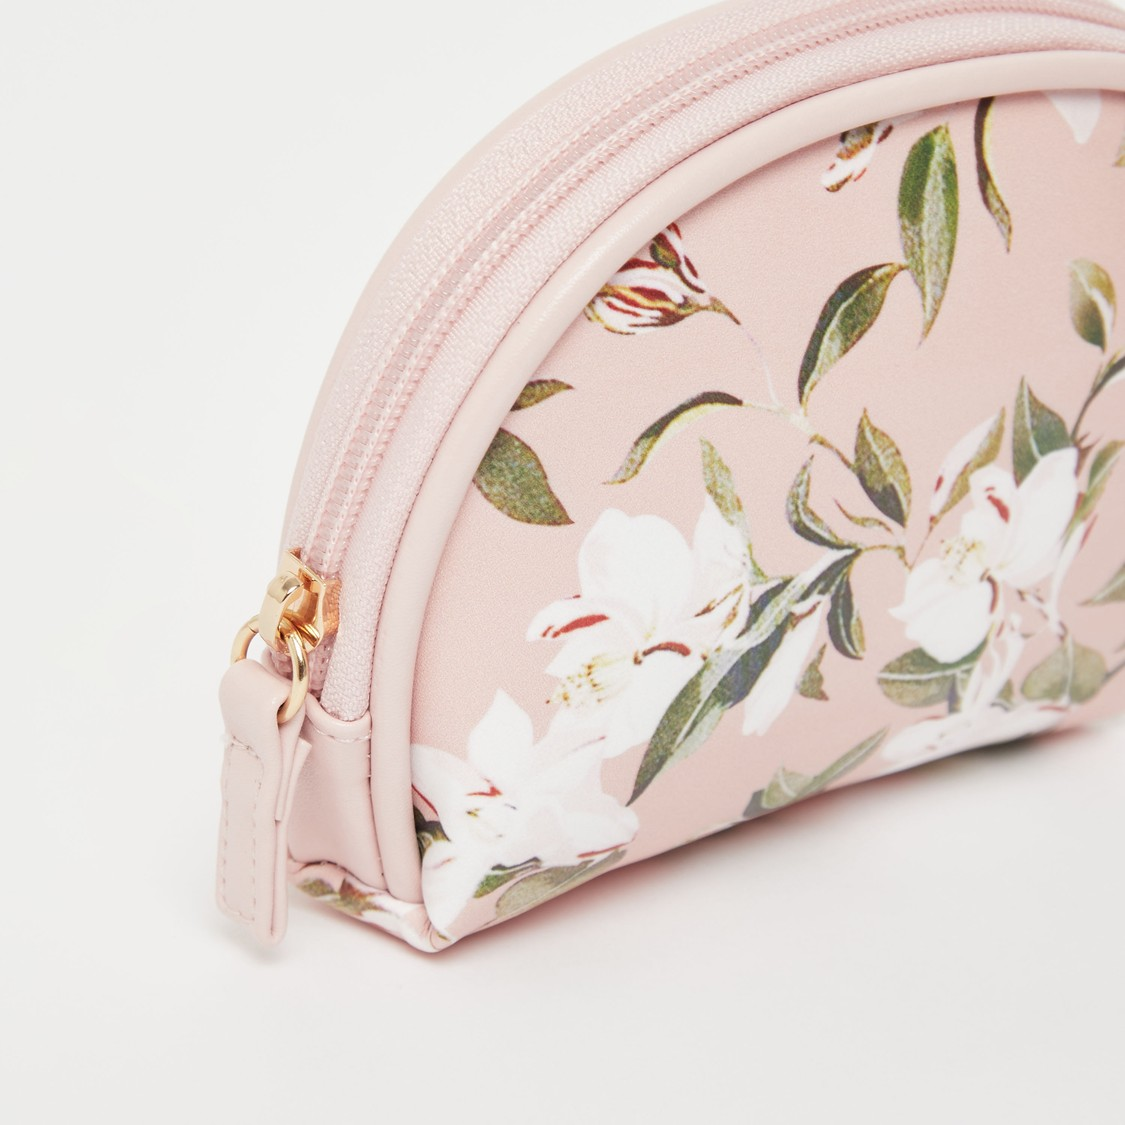 Floral Print 3-Piece Pouch Set